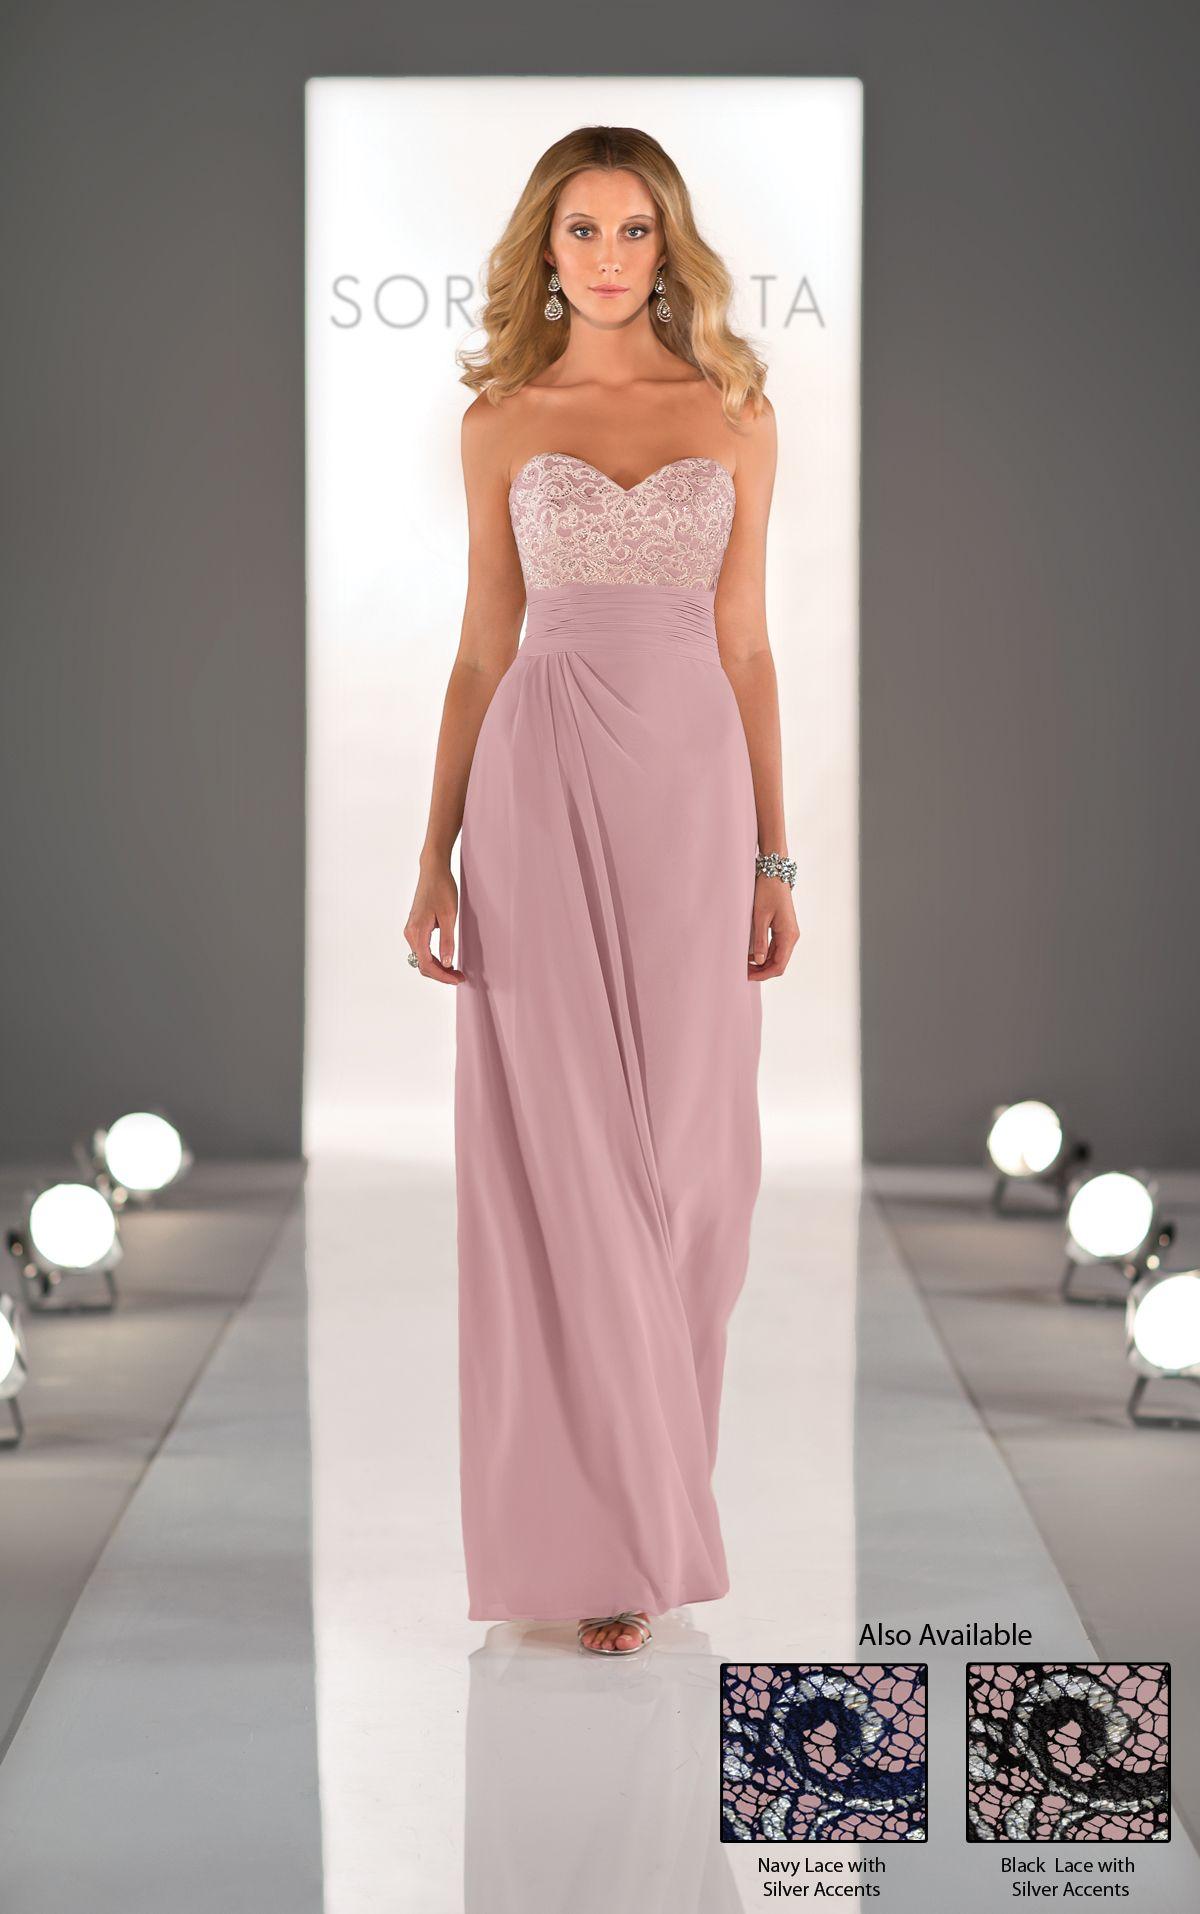 Increíble Vestidos De Dama Gris Patrón - Colección de Vestidos de ...